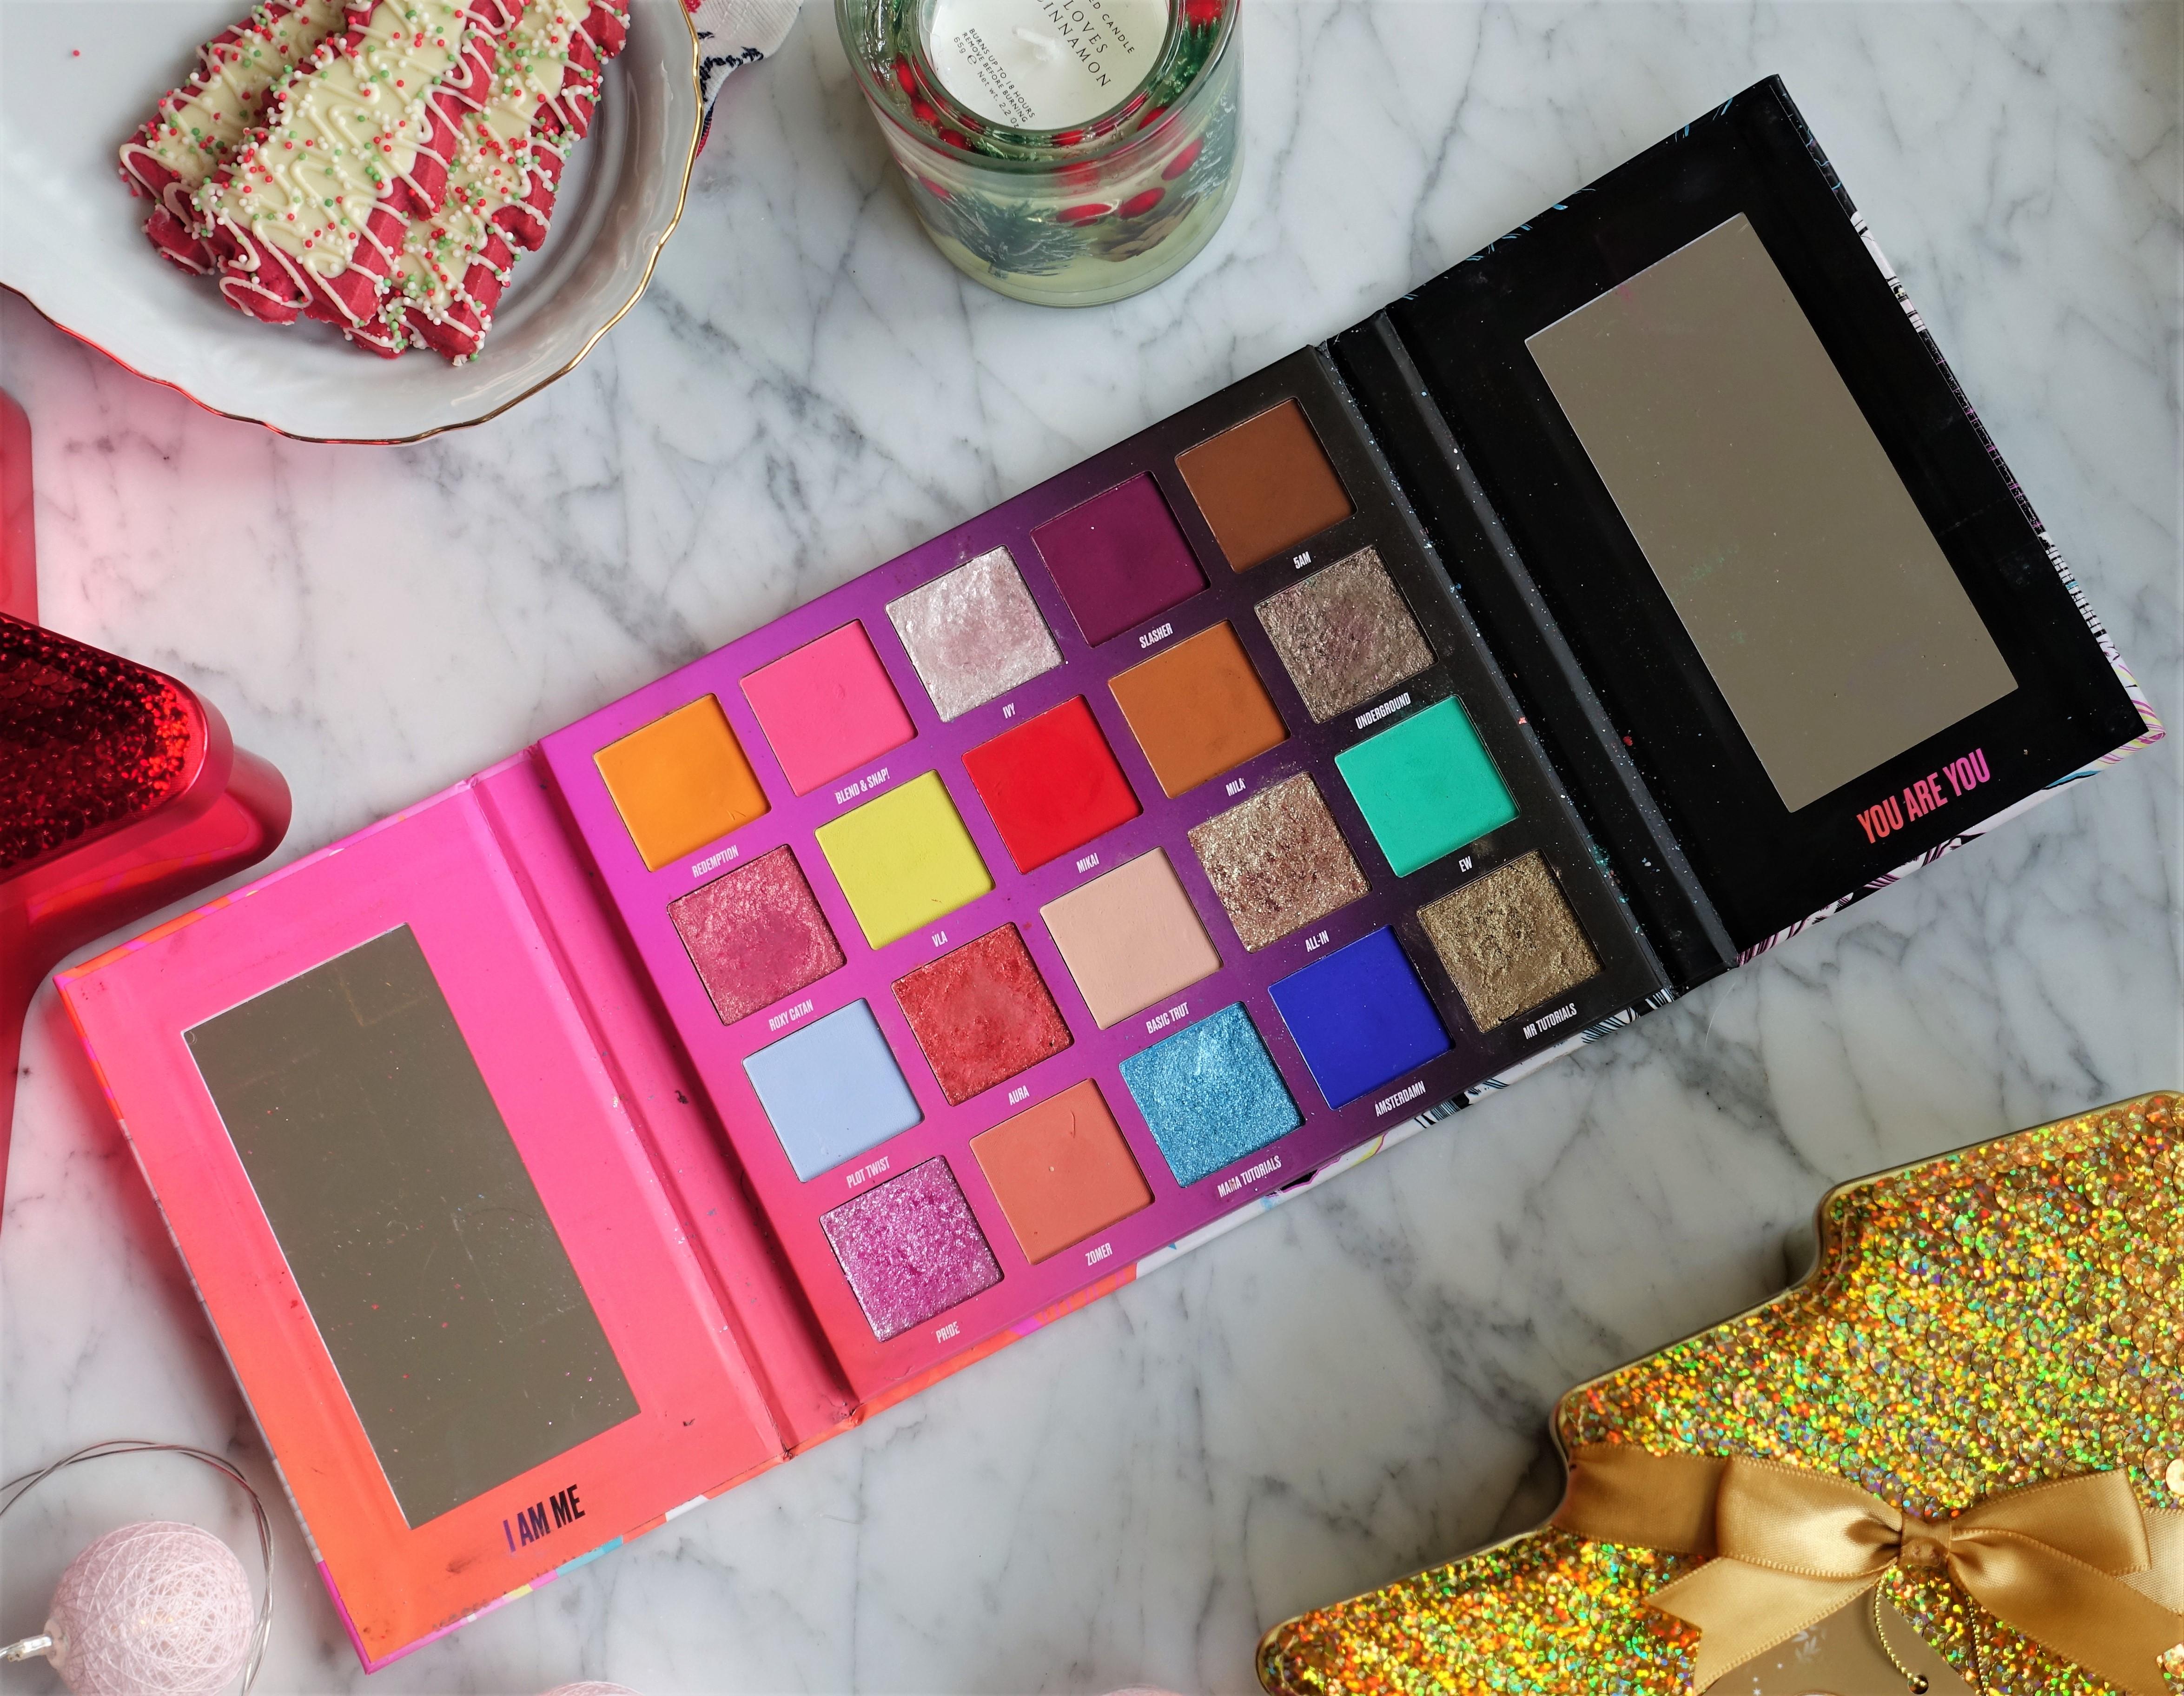 Nikkie Tutorials x Beauty Bay Palette